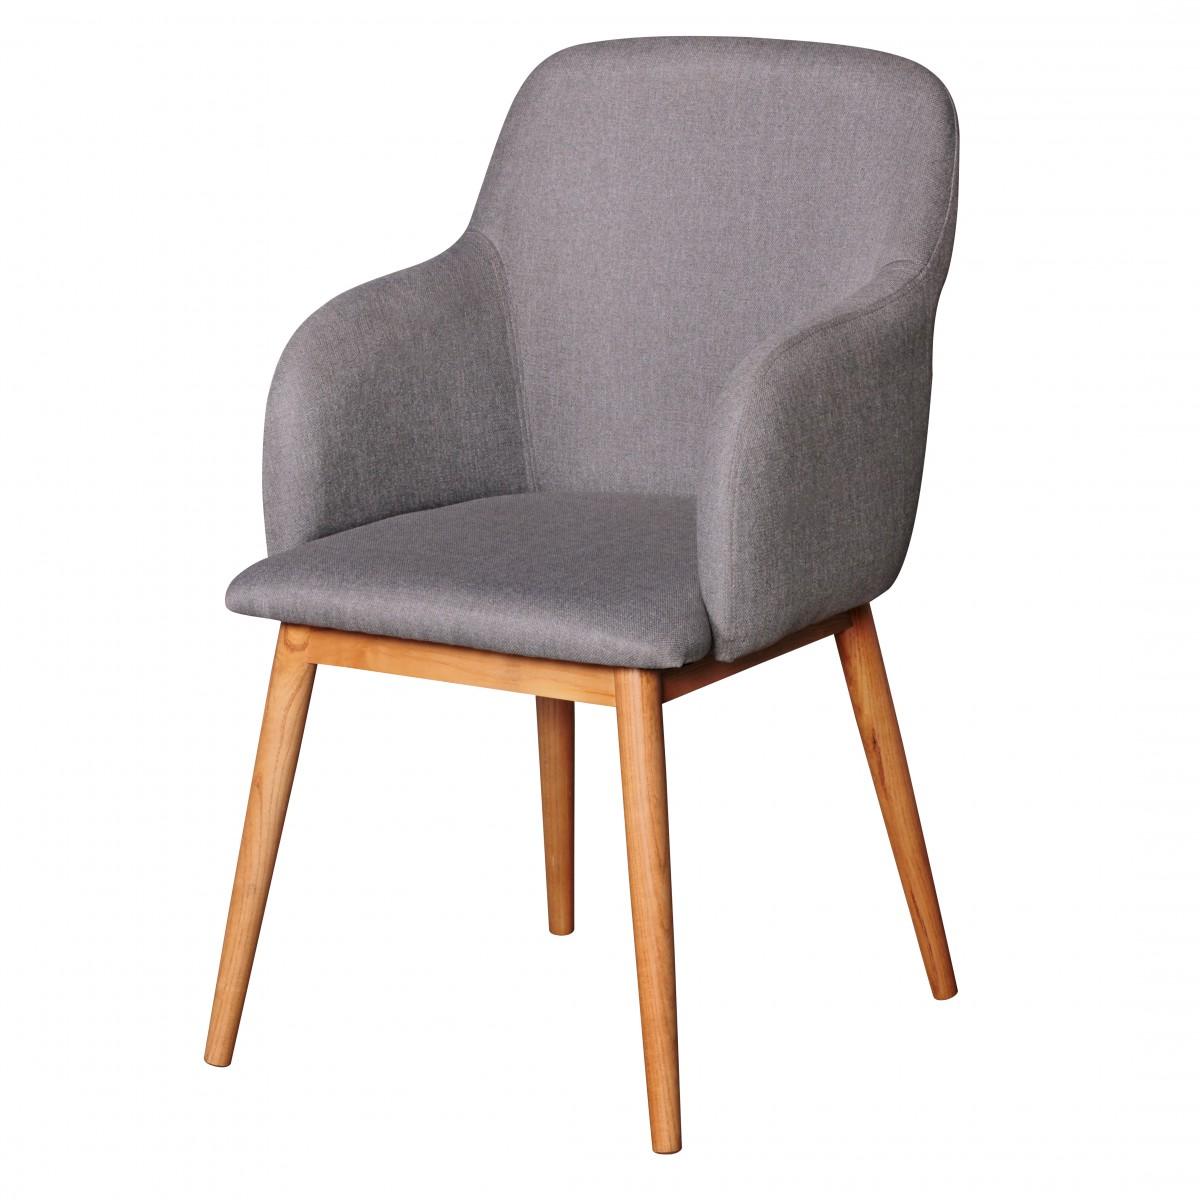 finebuy retro esszimmerstuhl polsterstuhl stoff bezug. Black Bedroom Furniture Sets. Home Design Ideas